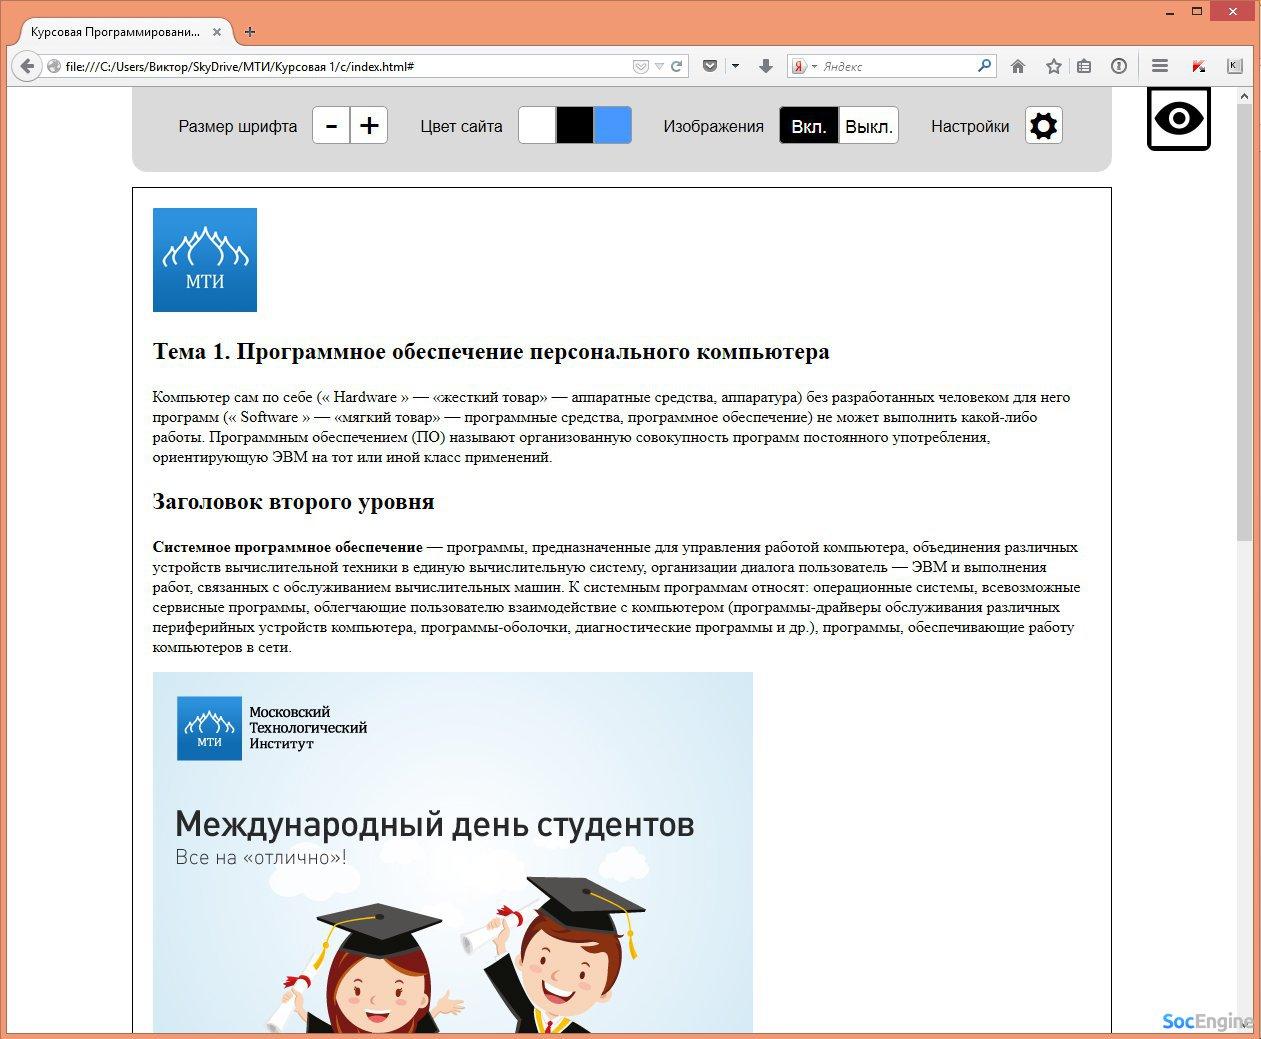 Курсовая работа Создание графических приложений для МТИ  Курсовая работа Создание графических приложений для МТИ